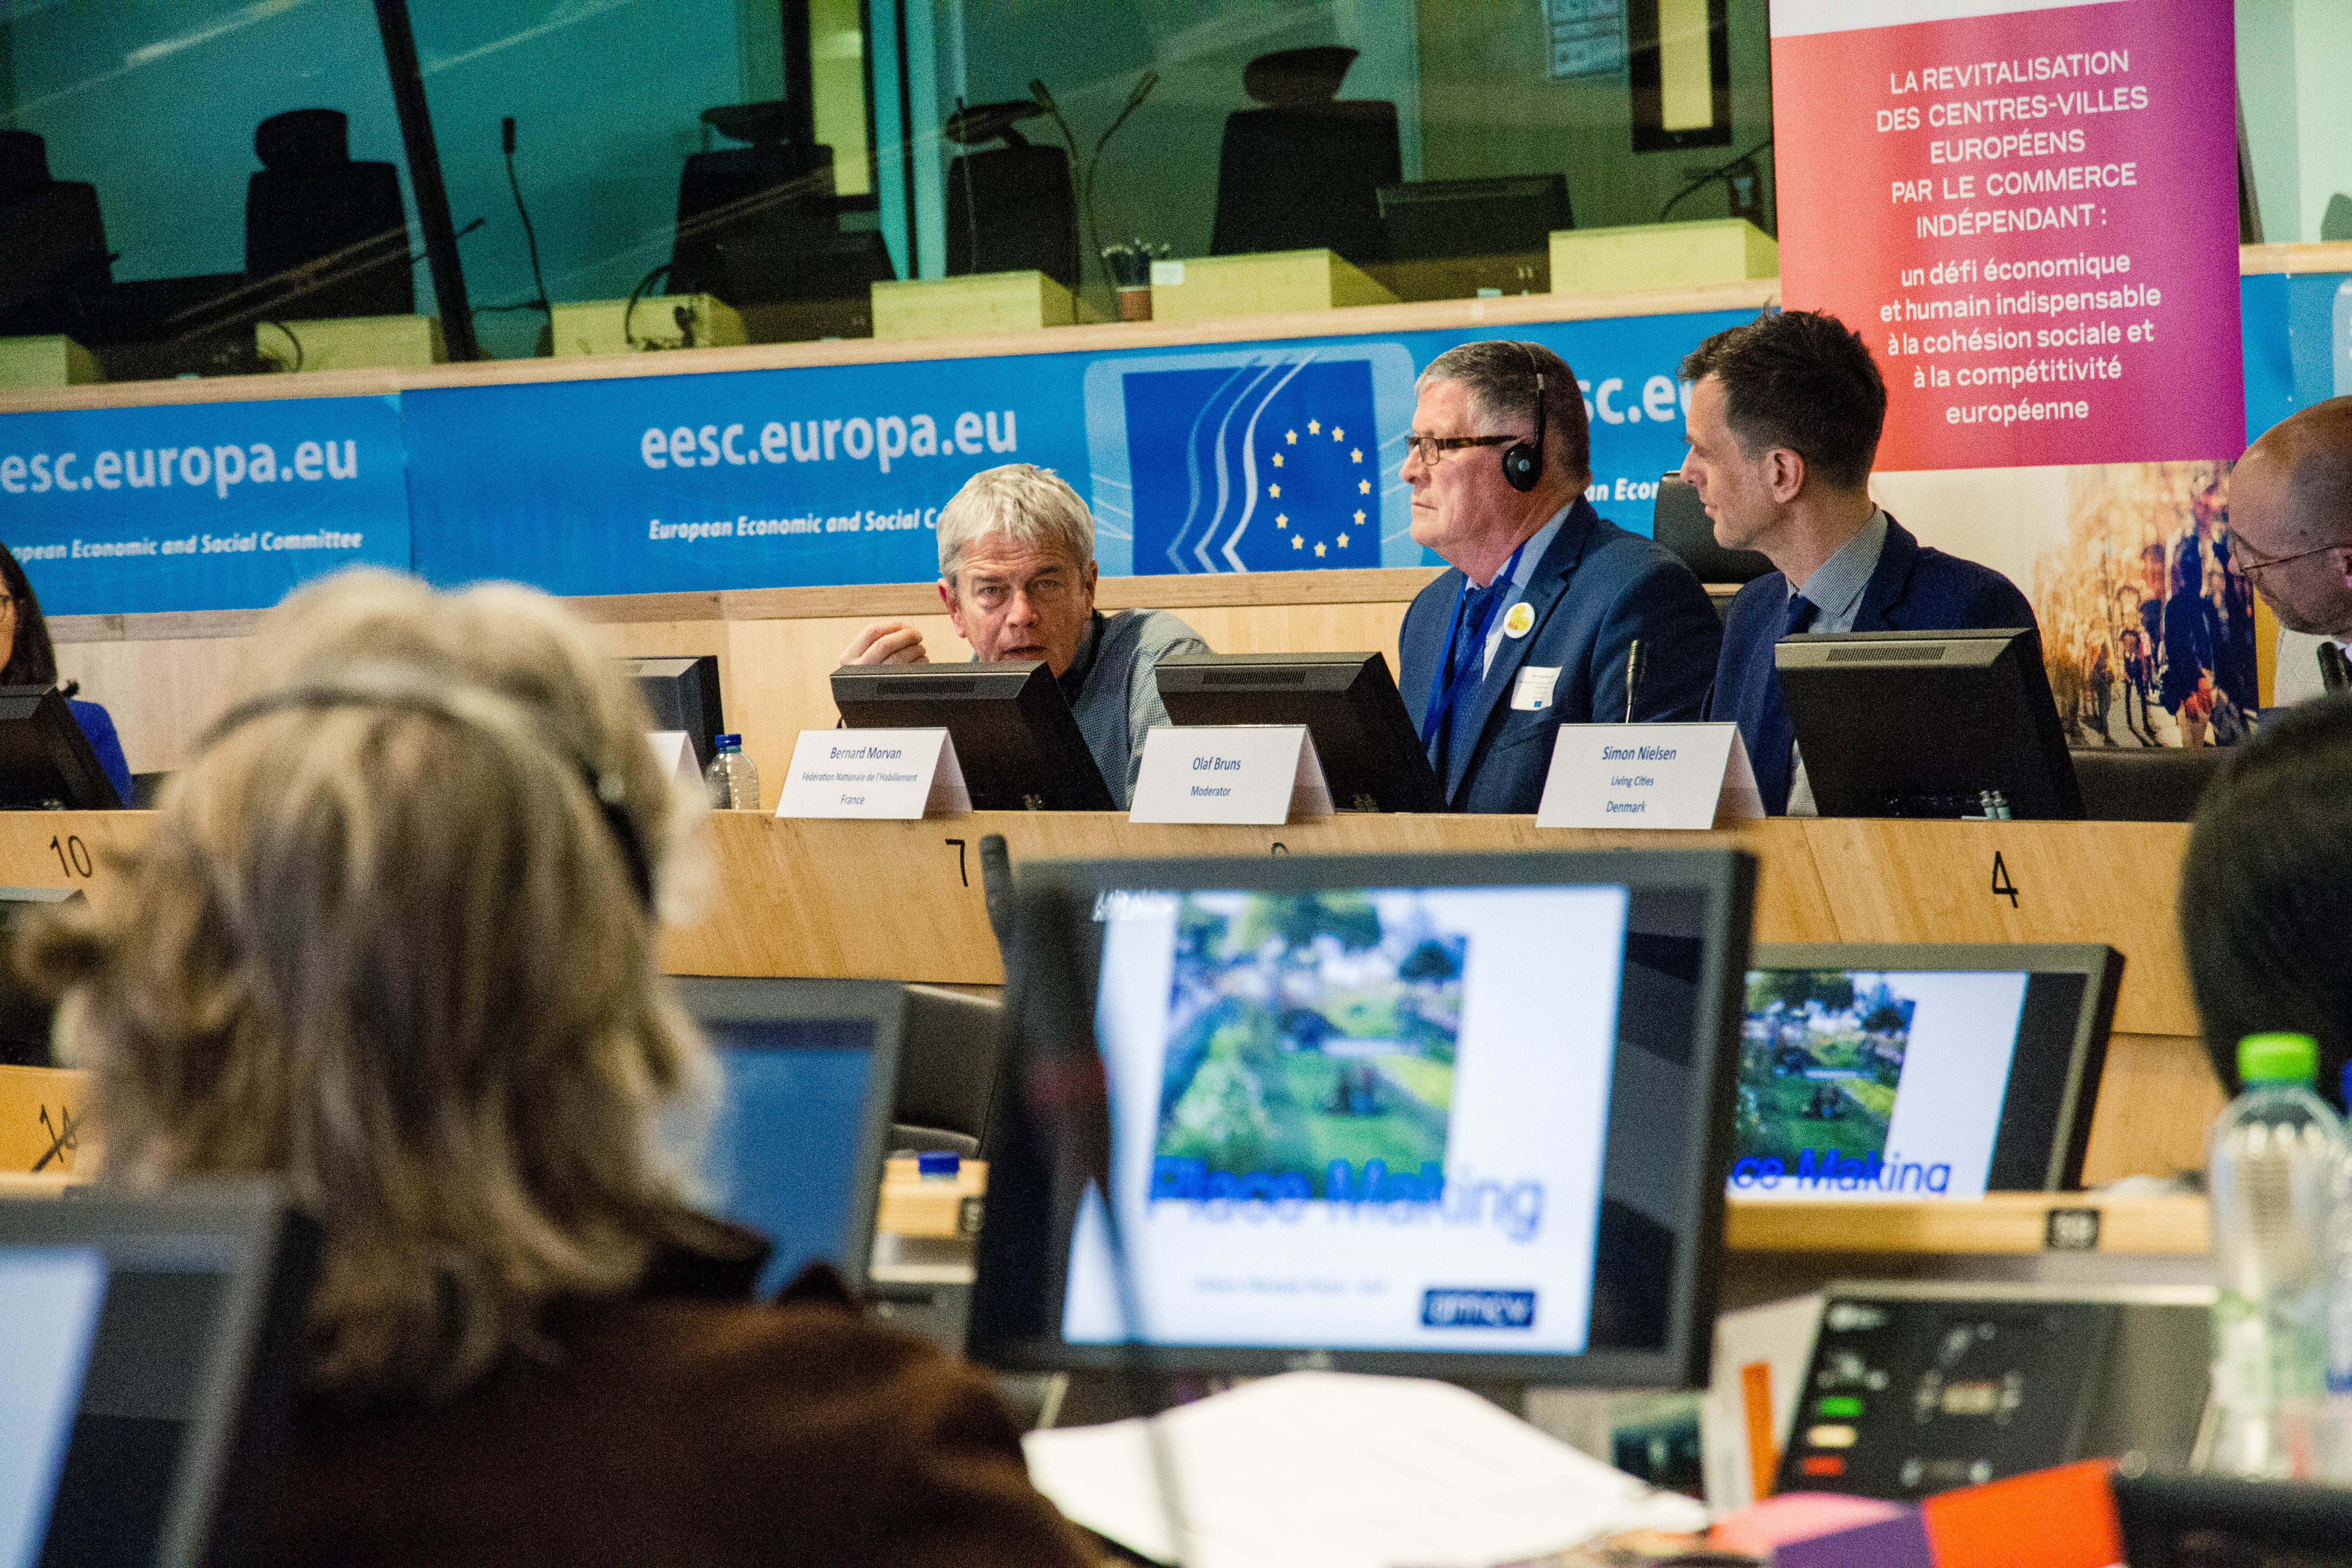 Livre Blanc Européen sur la revitalisation des centres-villes européens par le commerce indépendant